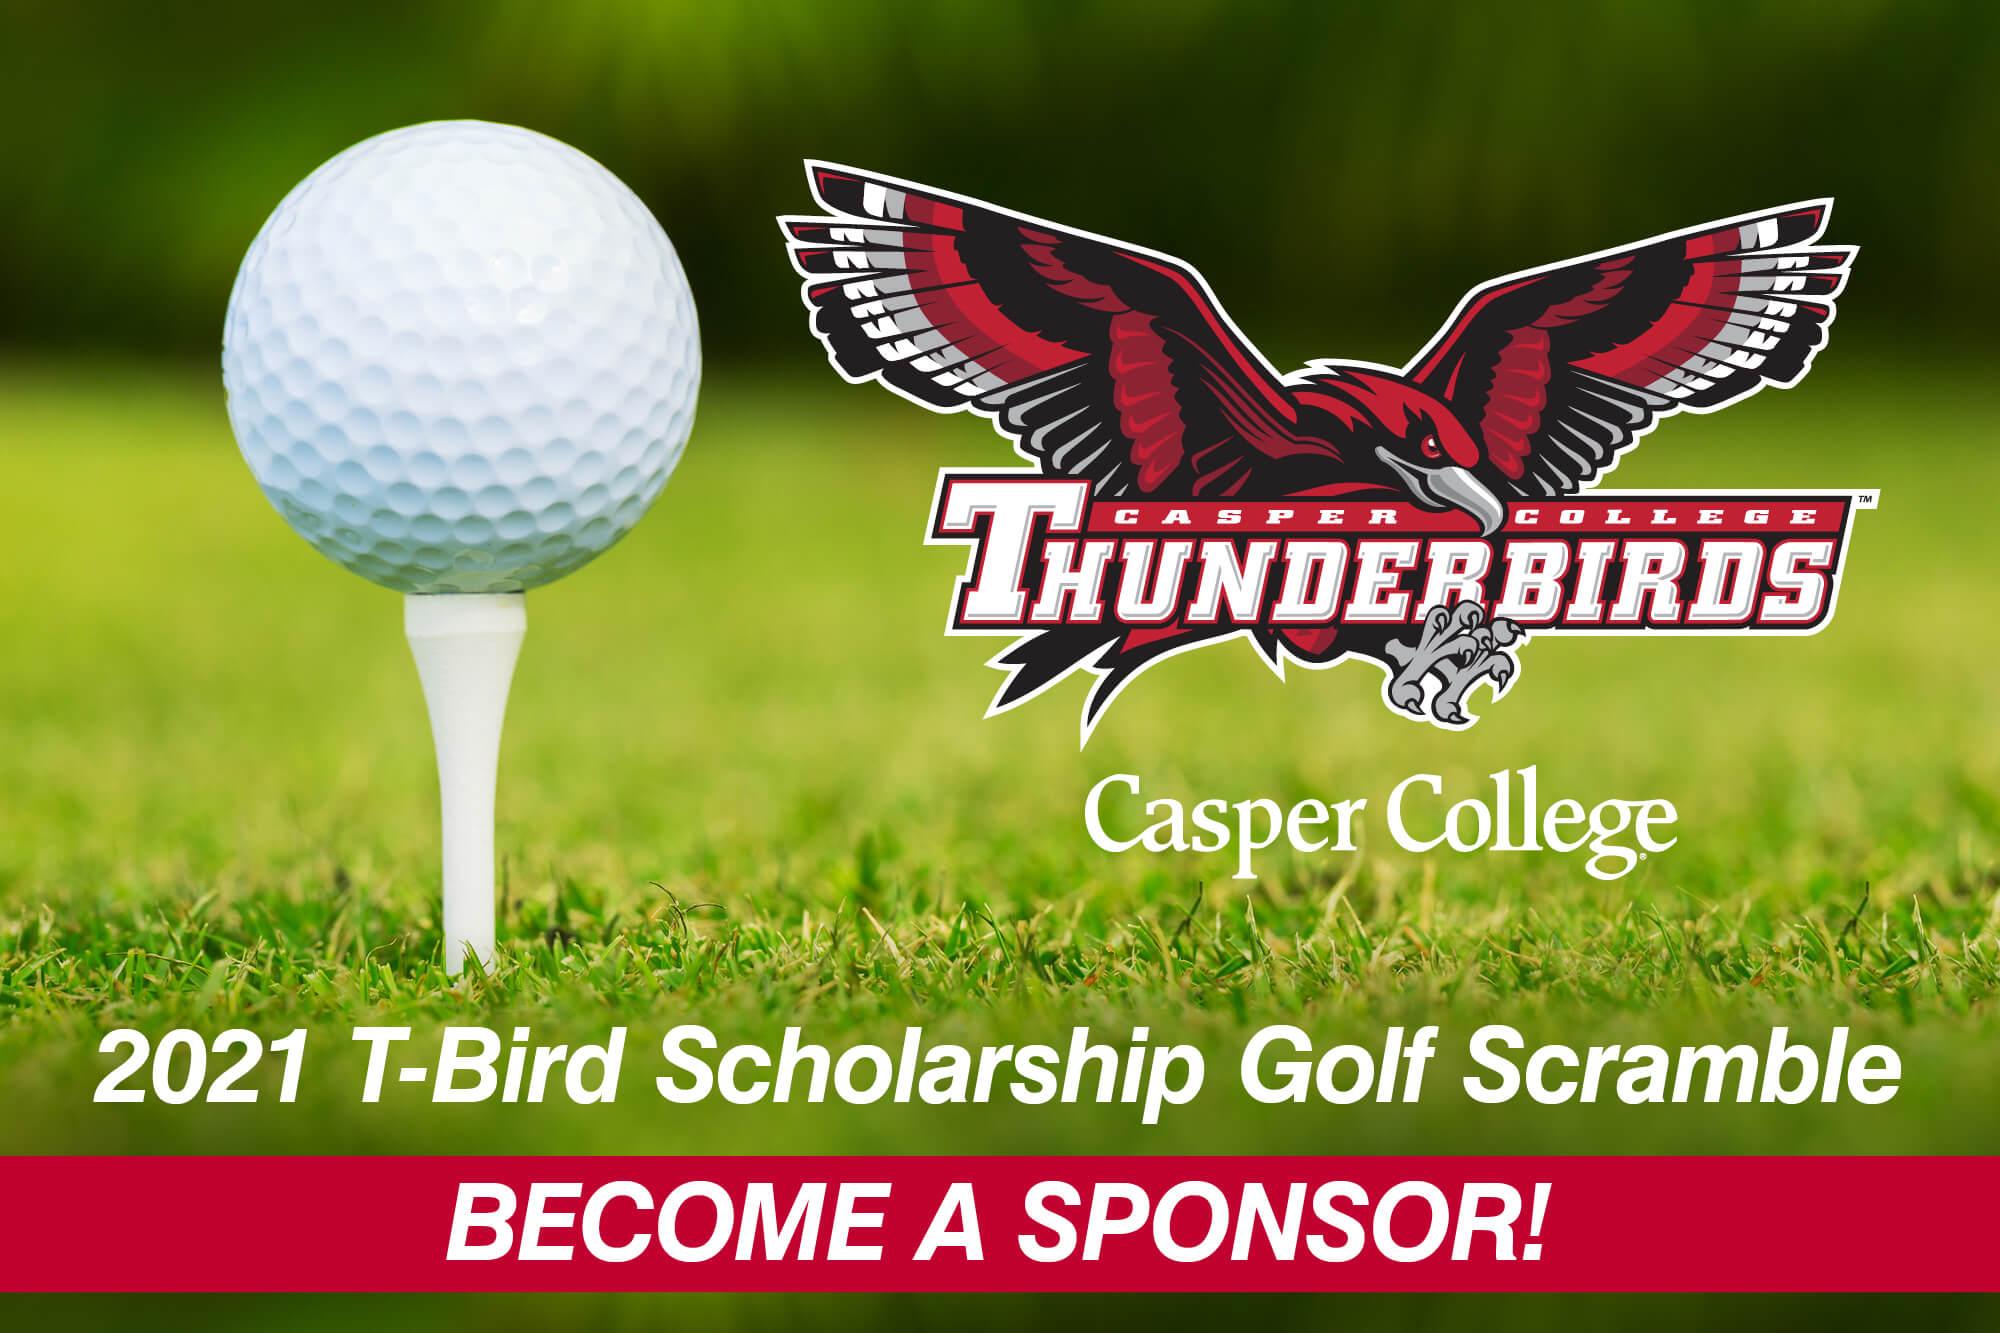 Image for T-Brid Golf Scramble Press Release.